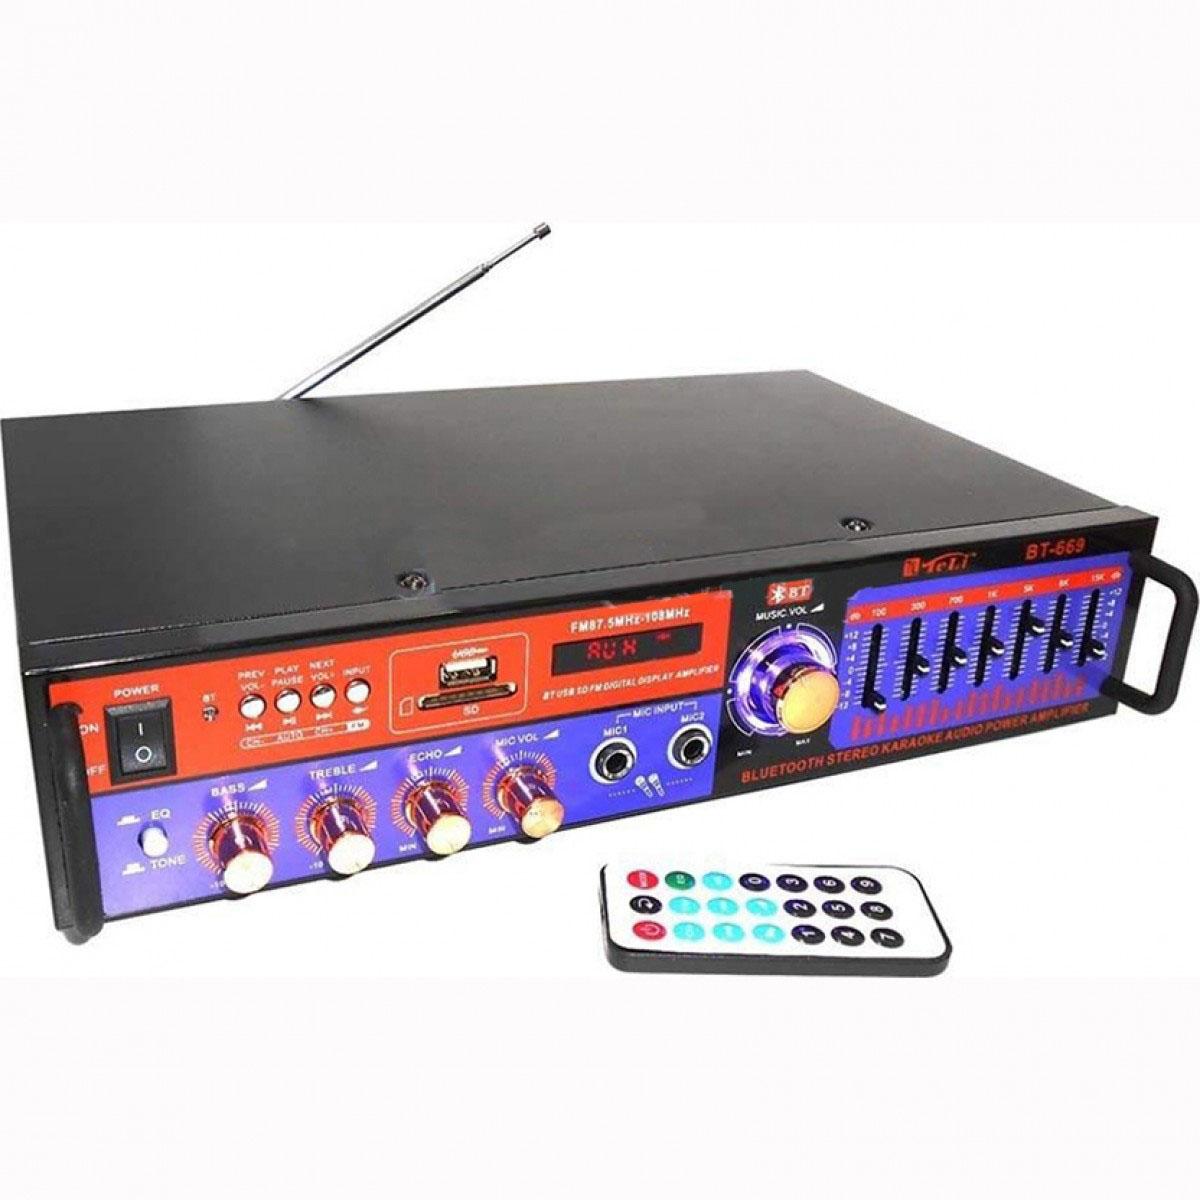 Ενισχυτής στερεοφωνικό με Bluetooth για αναπαραγωγή MP3, ραδιόφωνου, SD κάρτας, ισοσταθμιστές equalizer, BT-669